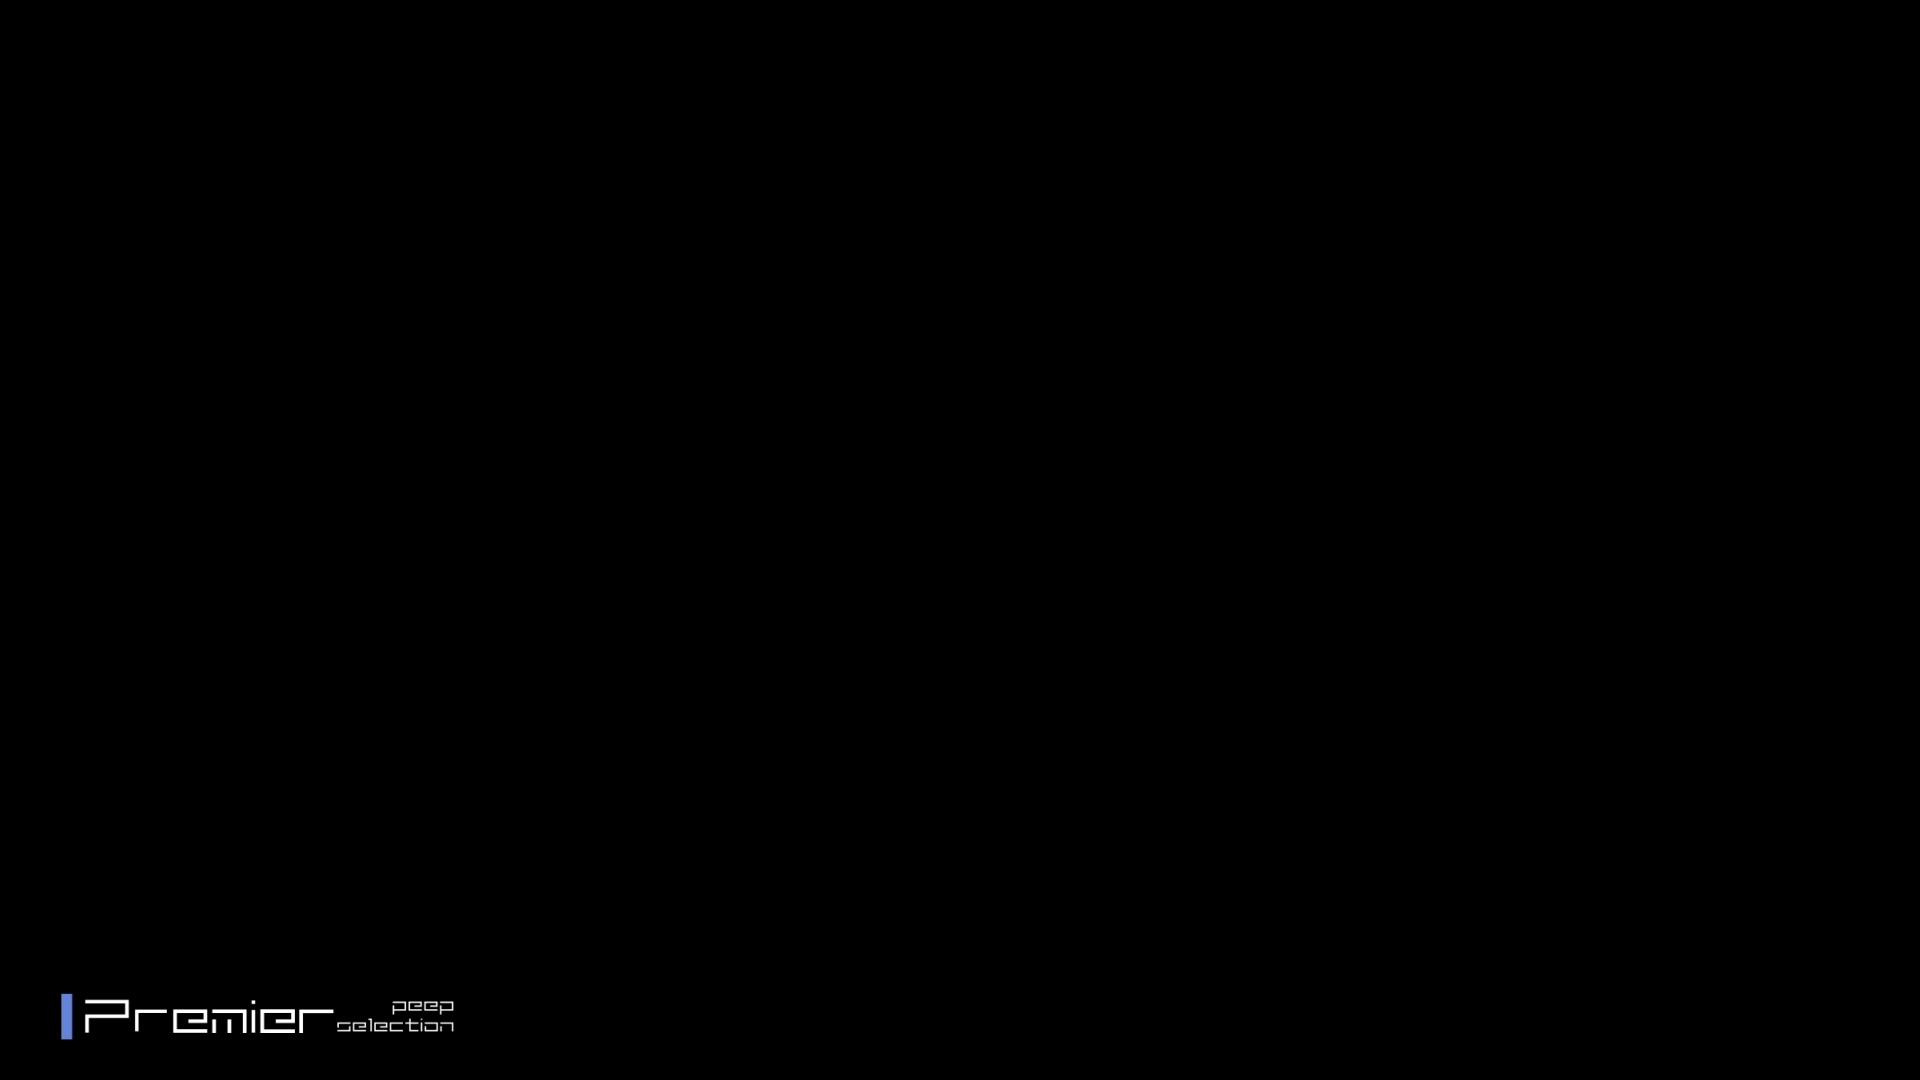 ★永久保存版★全員バレ!大迫力入浴シーン 美女達の私生活に潜入! 美女ハメ撮り  101Pix 51